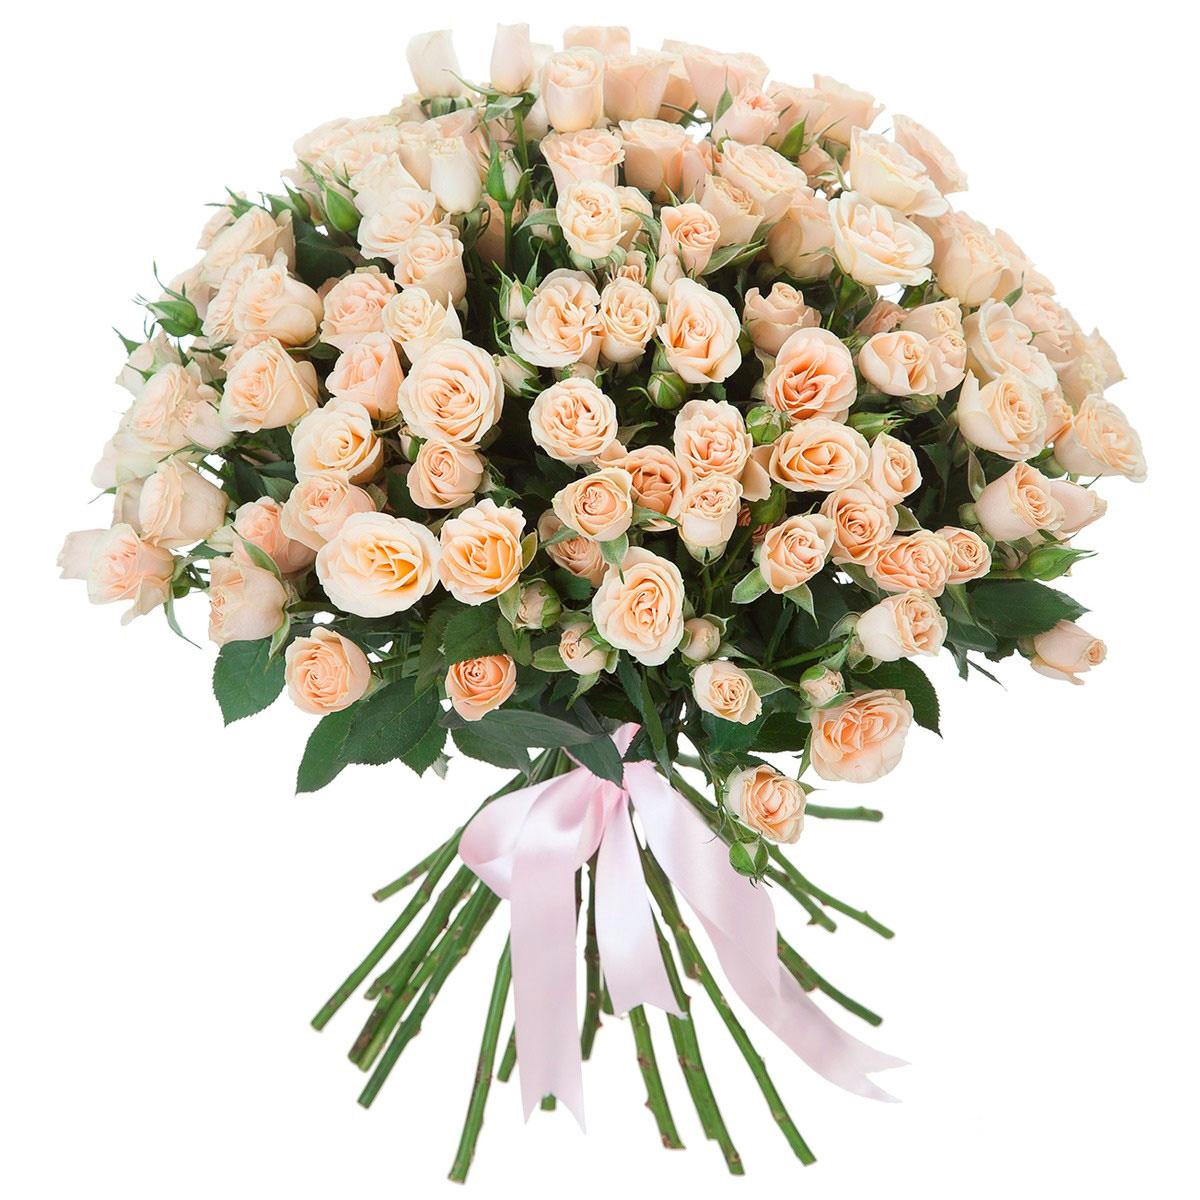 как выглядят кустовые розы фото огороде появилась